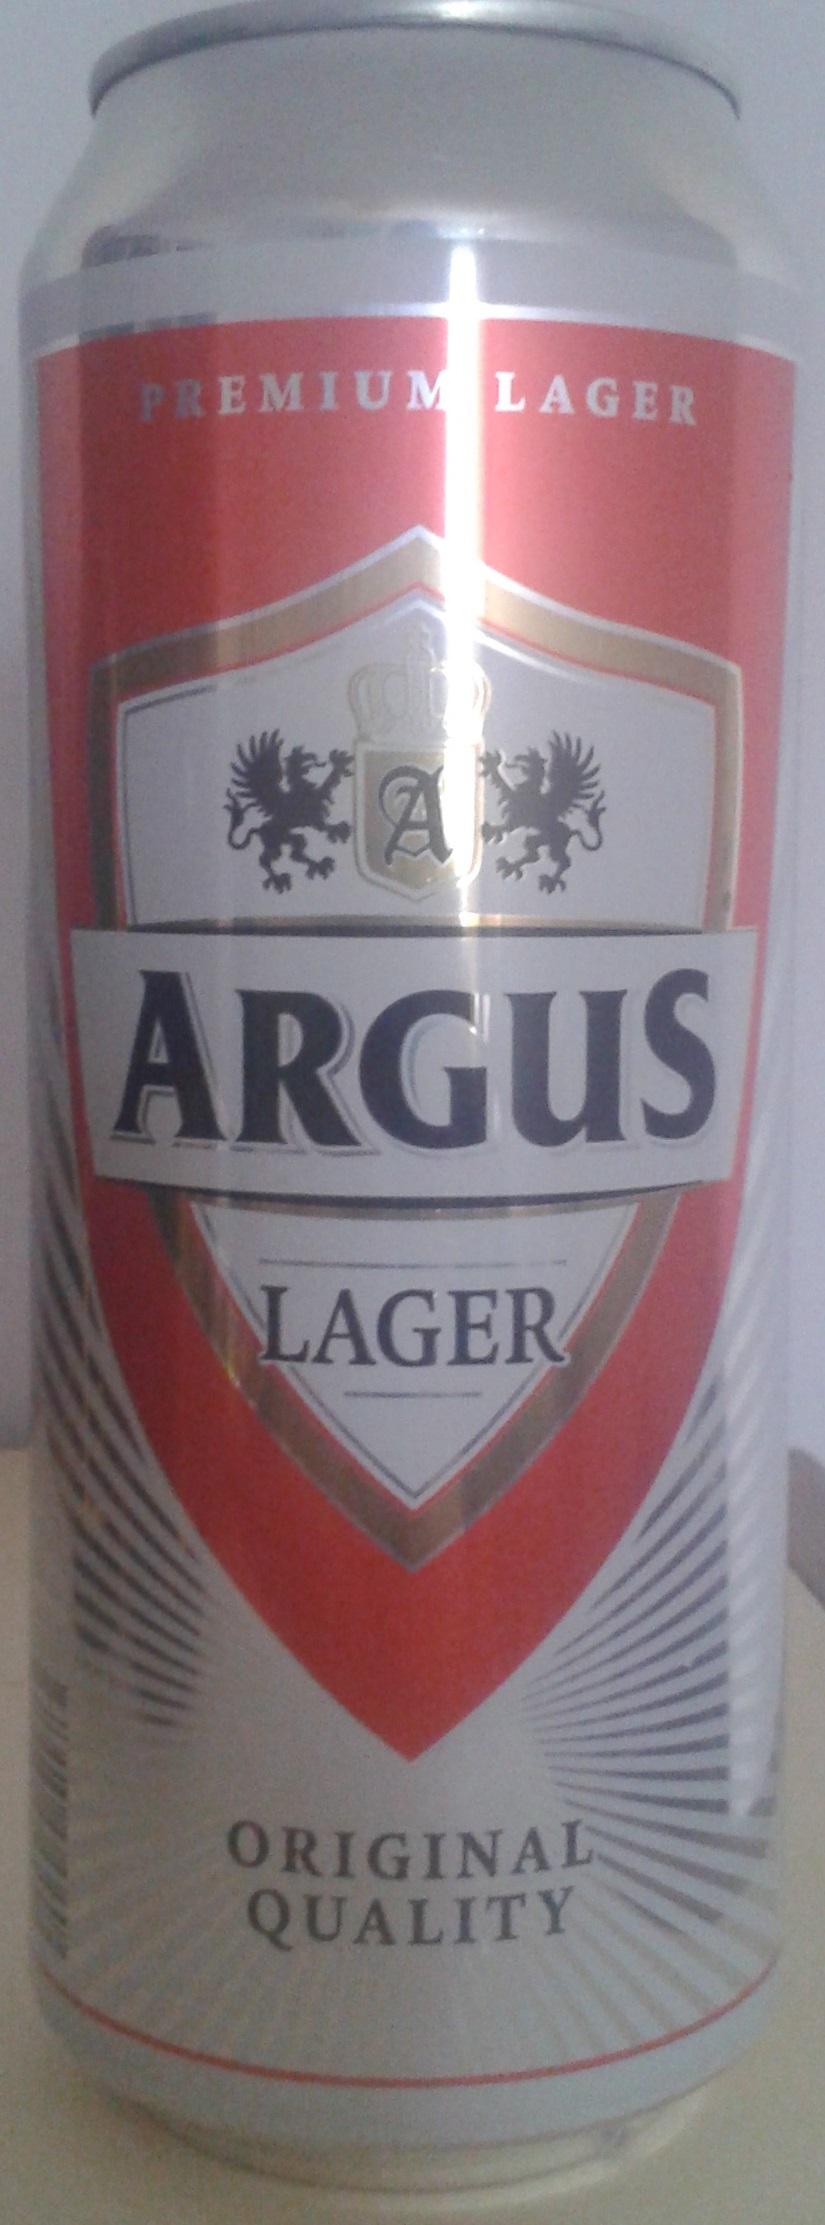 argus_lager.jpg